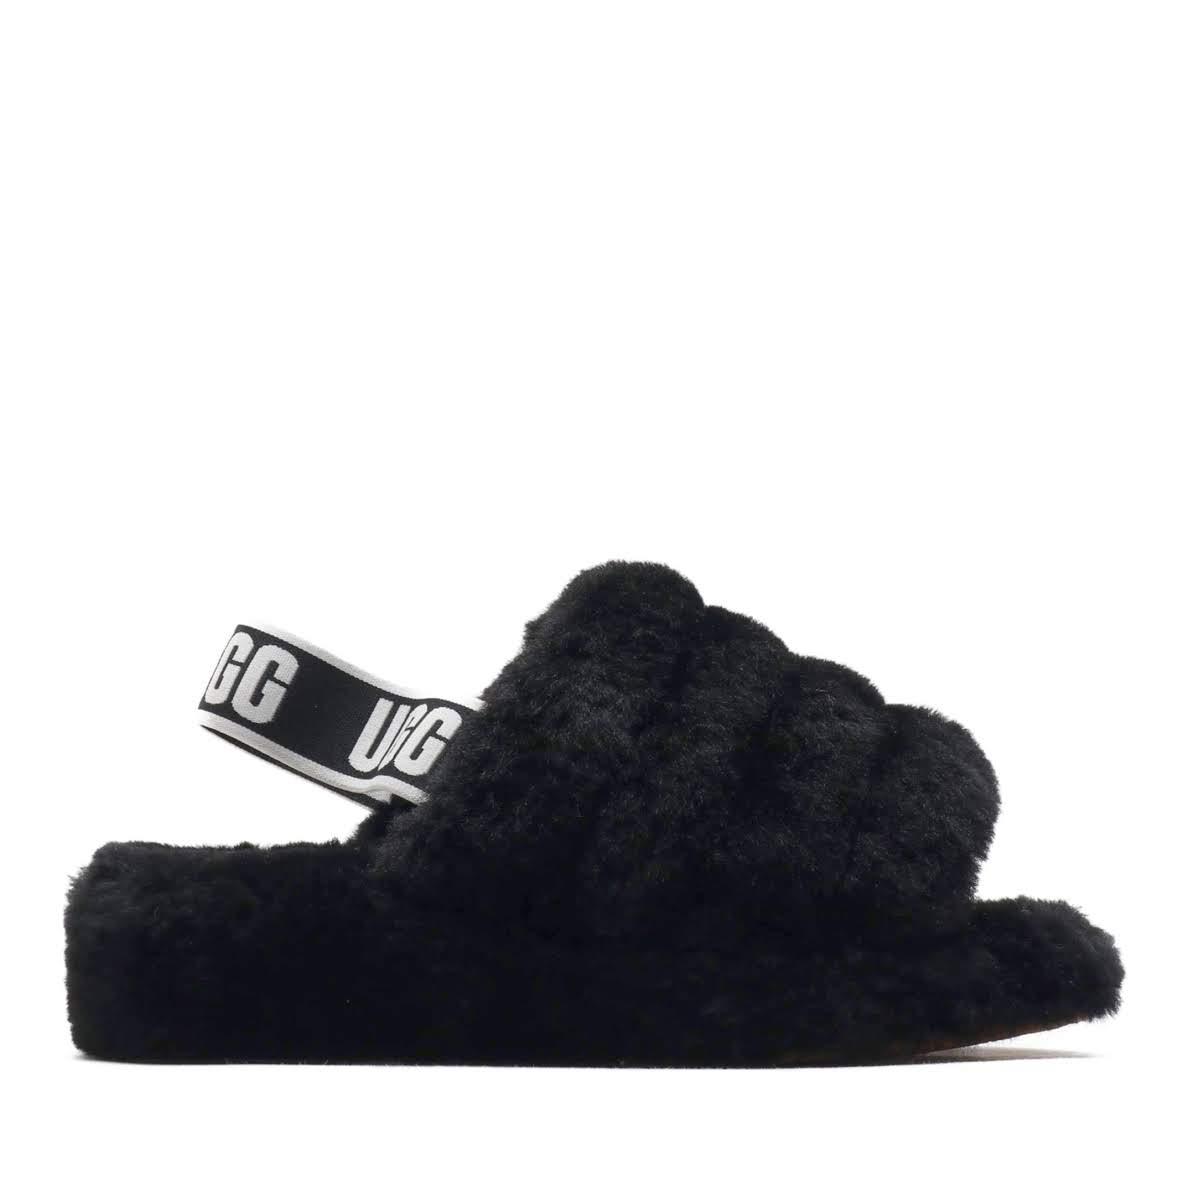 UGG W FLUFF YEAH SLIDE(BLACK)(アグ フラッフィー イヤー スライド)【メンズ】【レディース】【サンダル】【18FW-I】